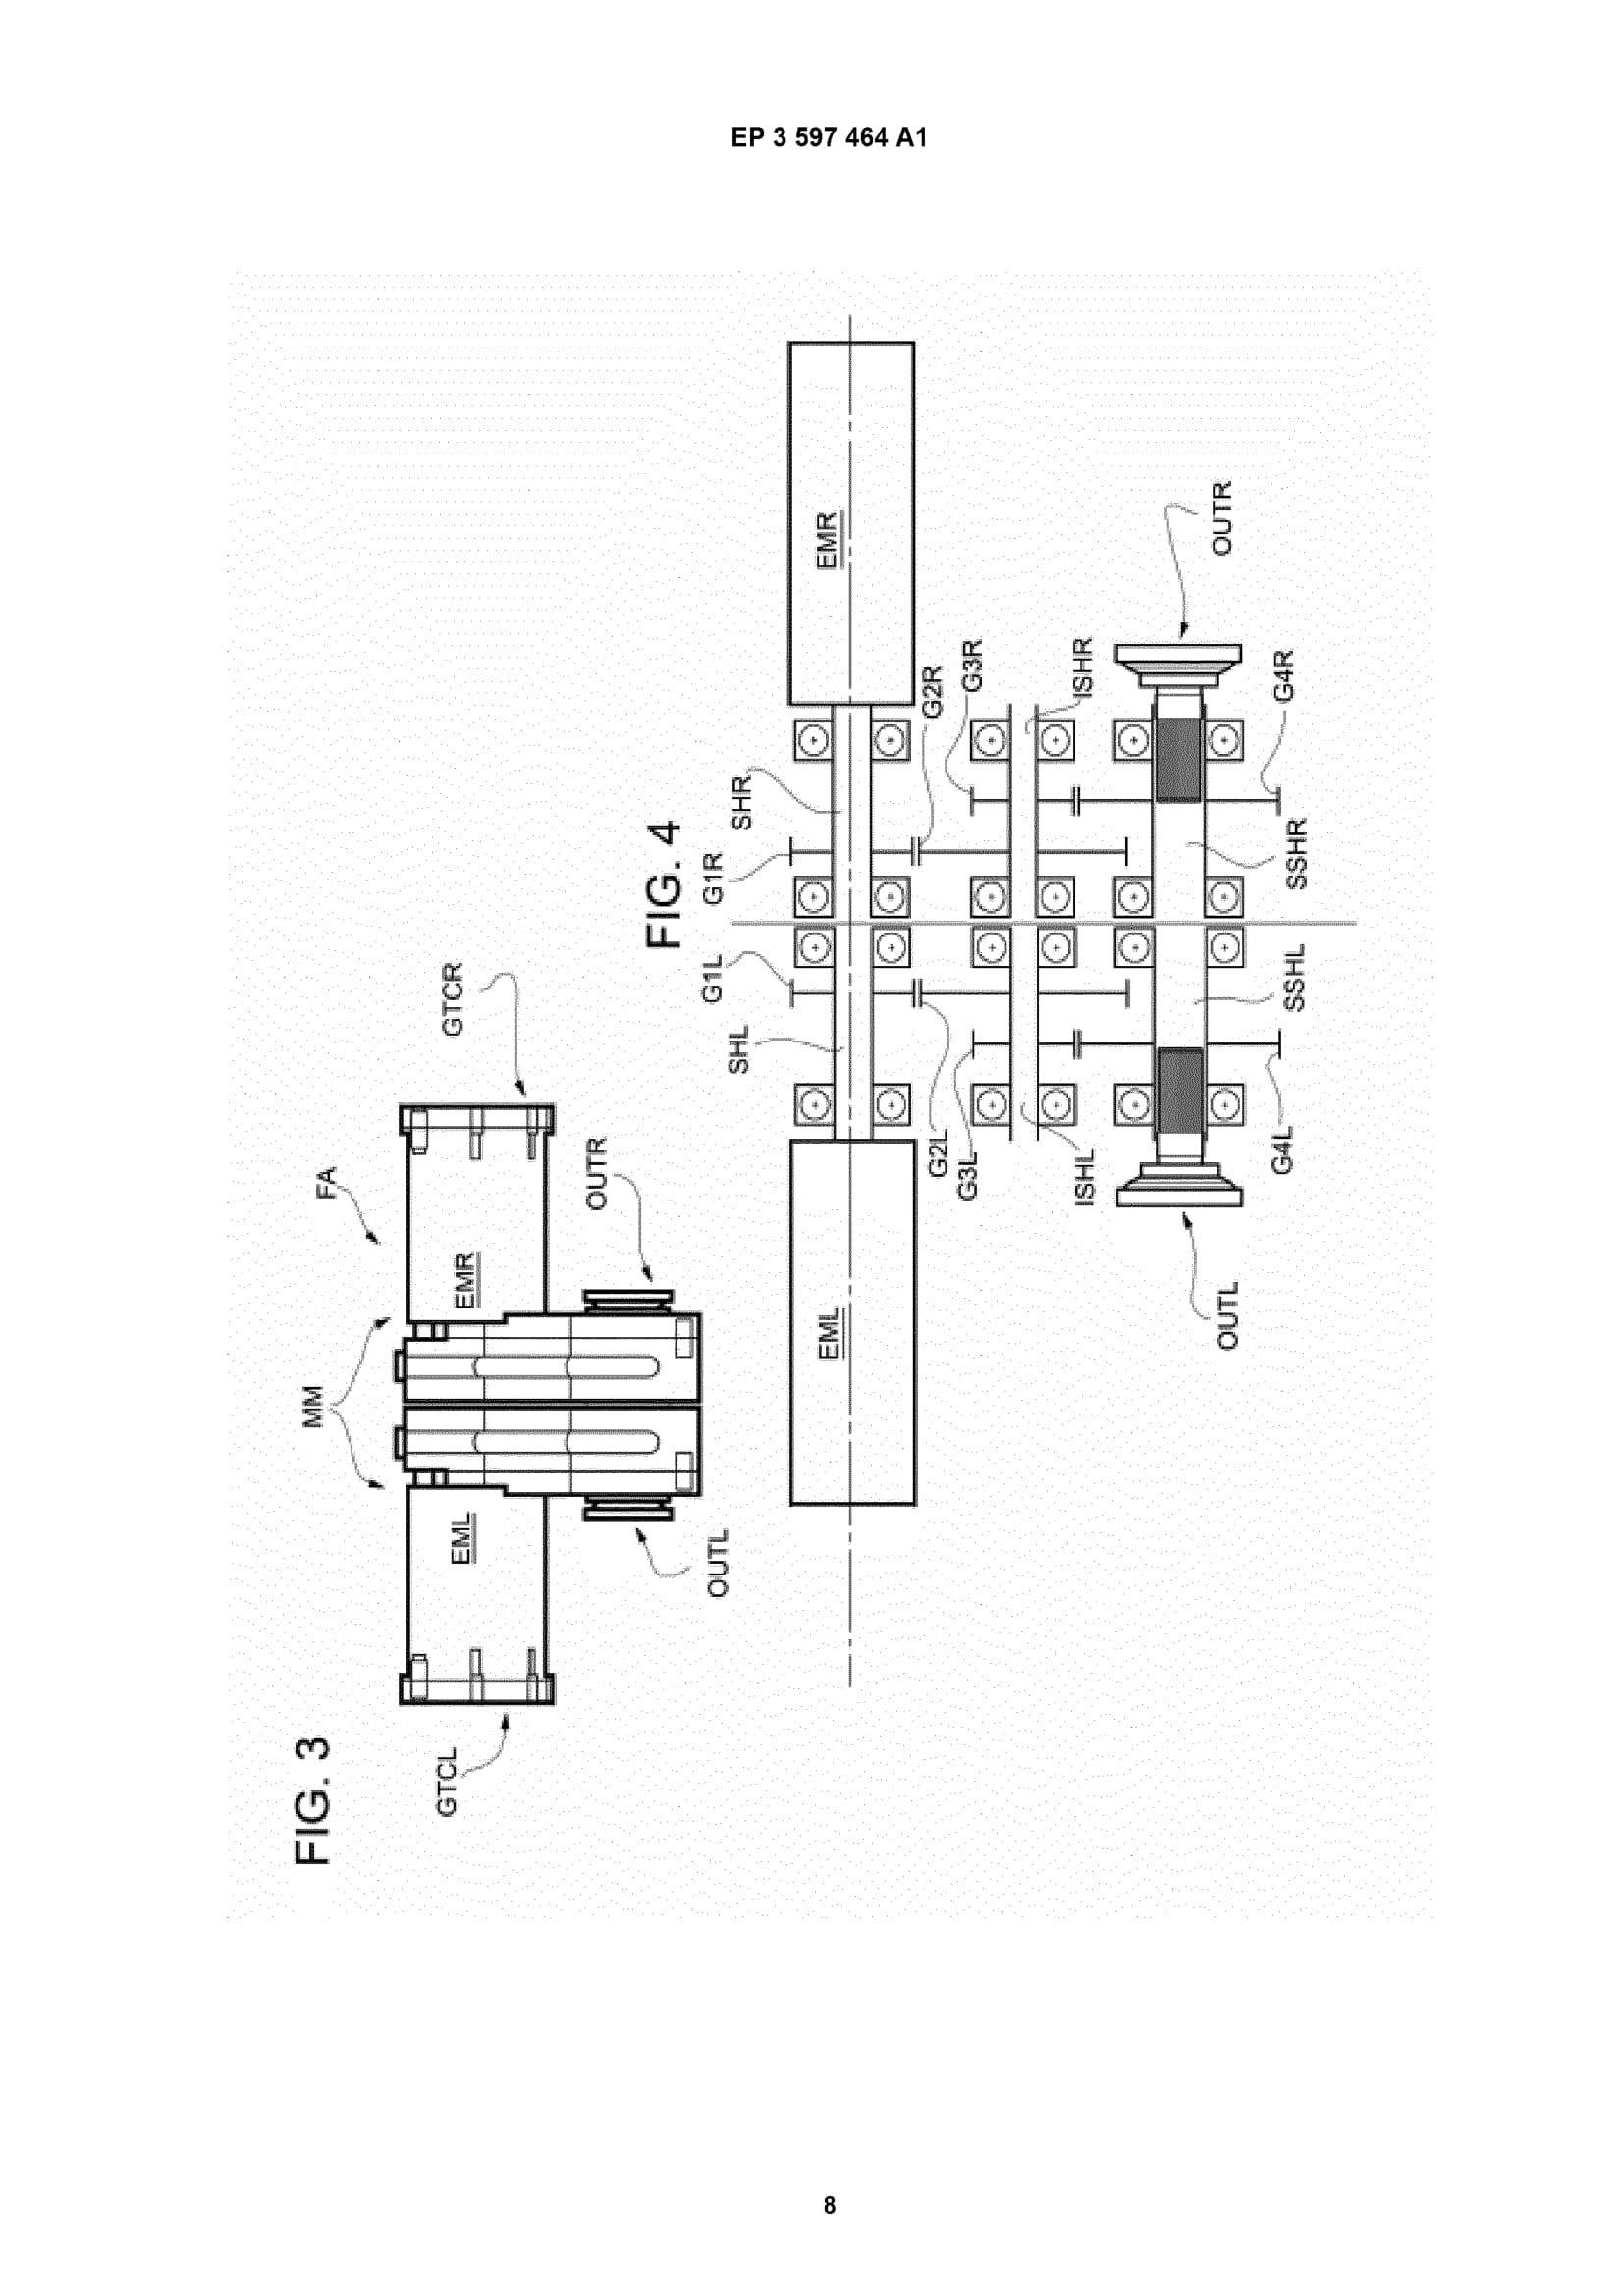 Ferrari-Electric-patent-8